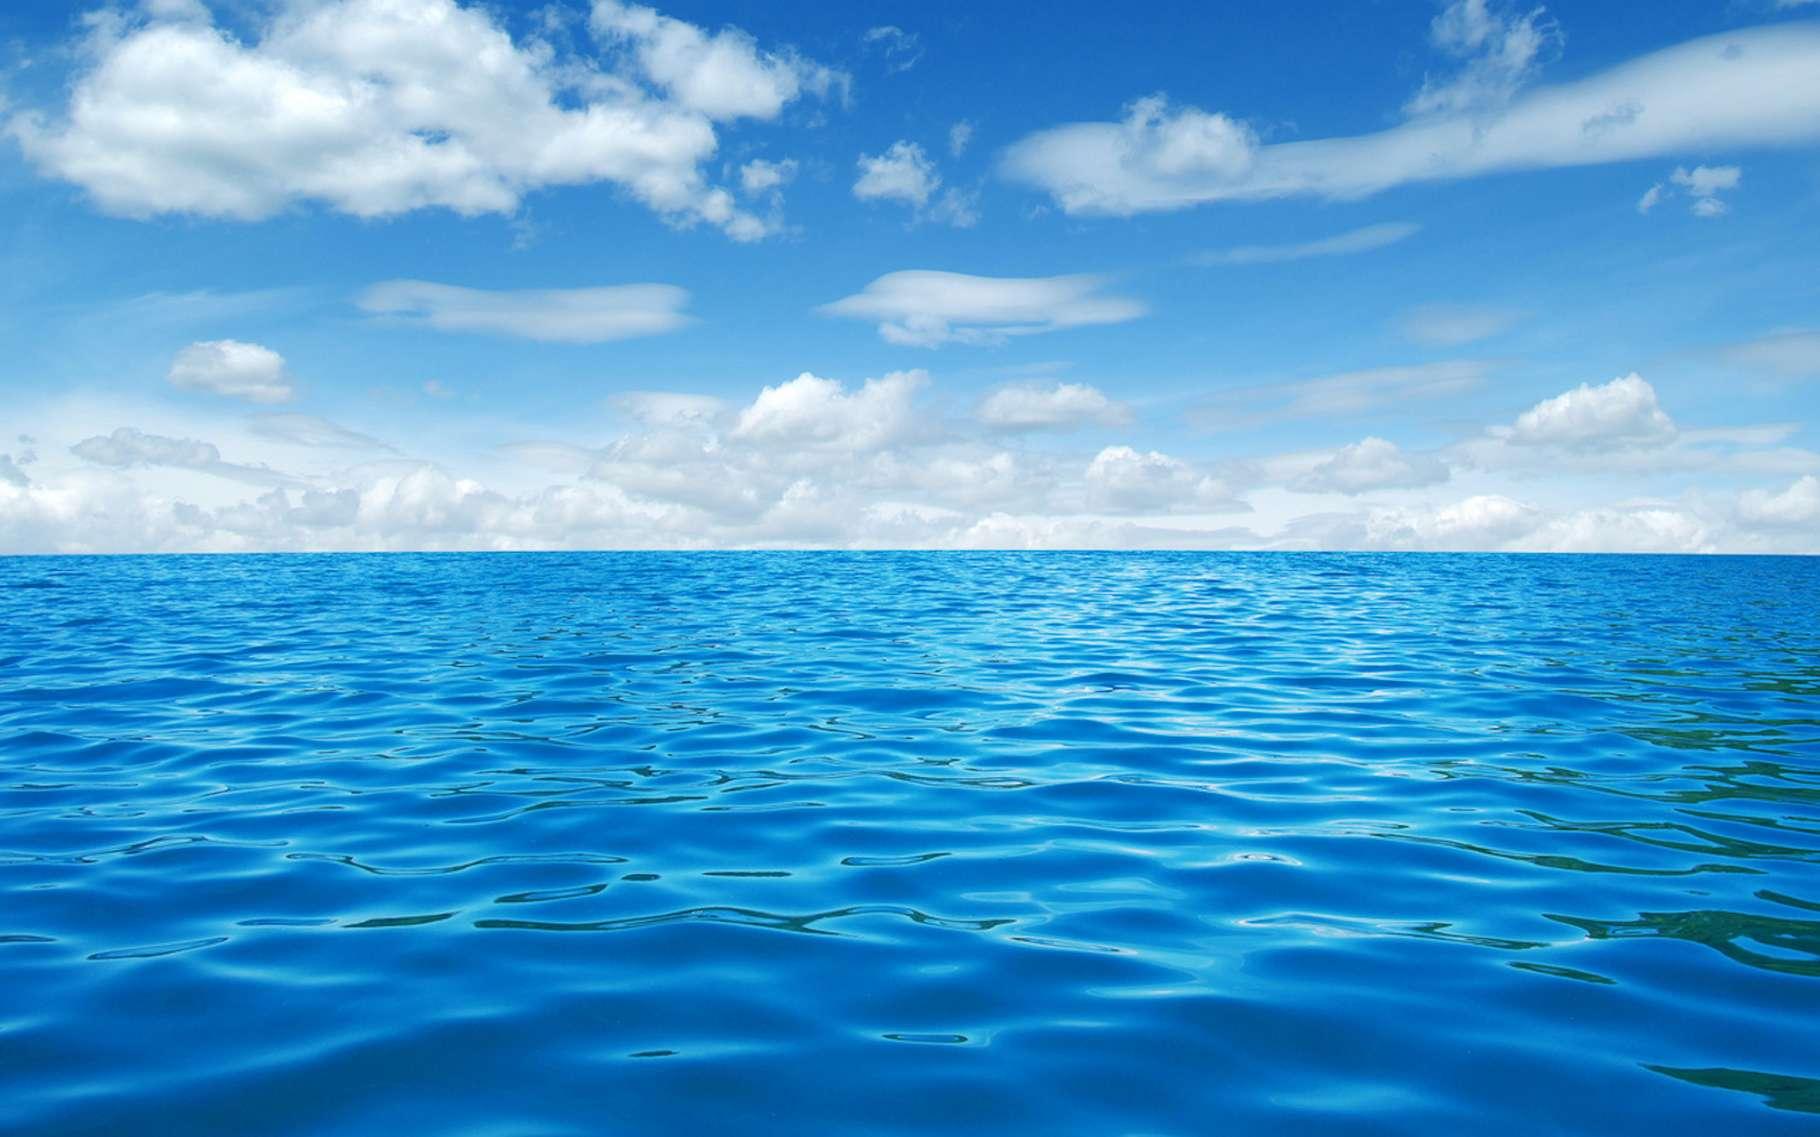 Si les réservoirs de gaz à effet de serre sous-marins venaient à être déséquilibrés par une augmentation de la température des océans, ils pourraient libérer une grande quantité de carbone dans l'atmosphère. © Alekss, Fotolia